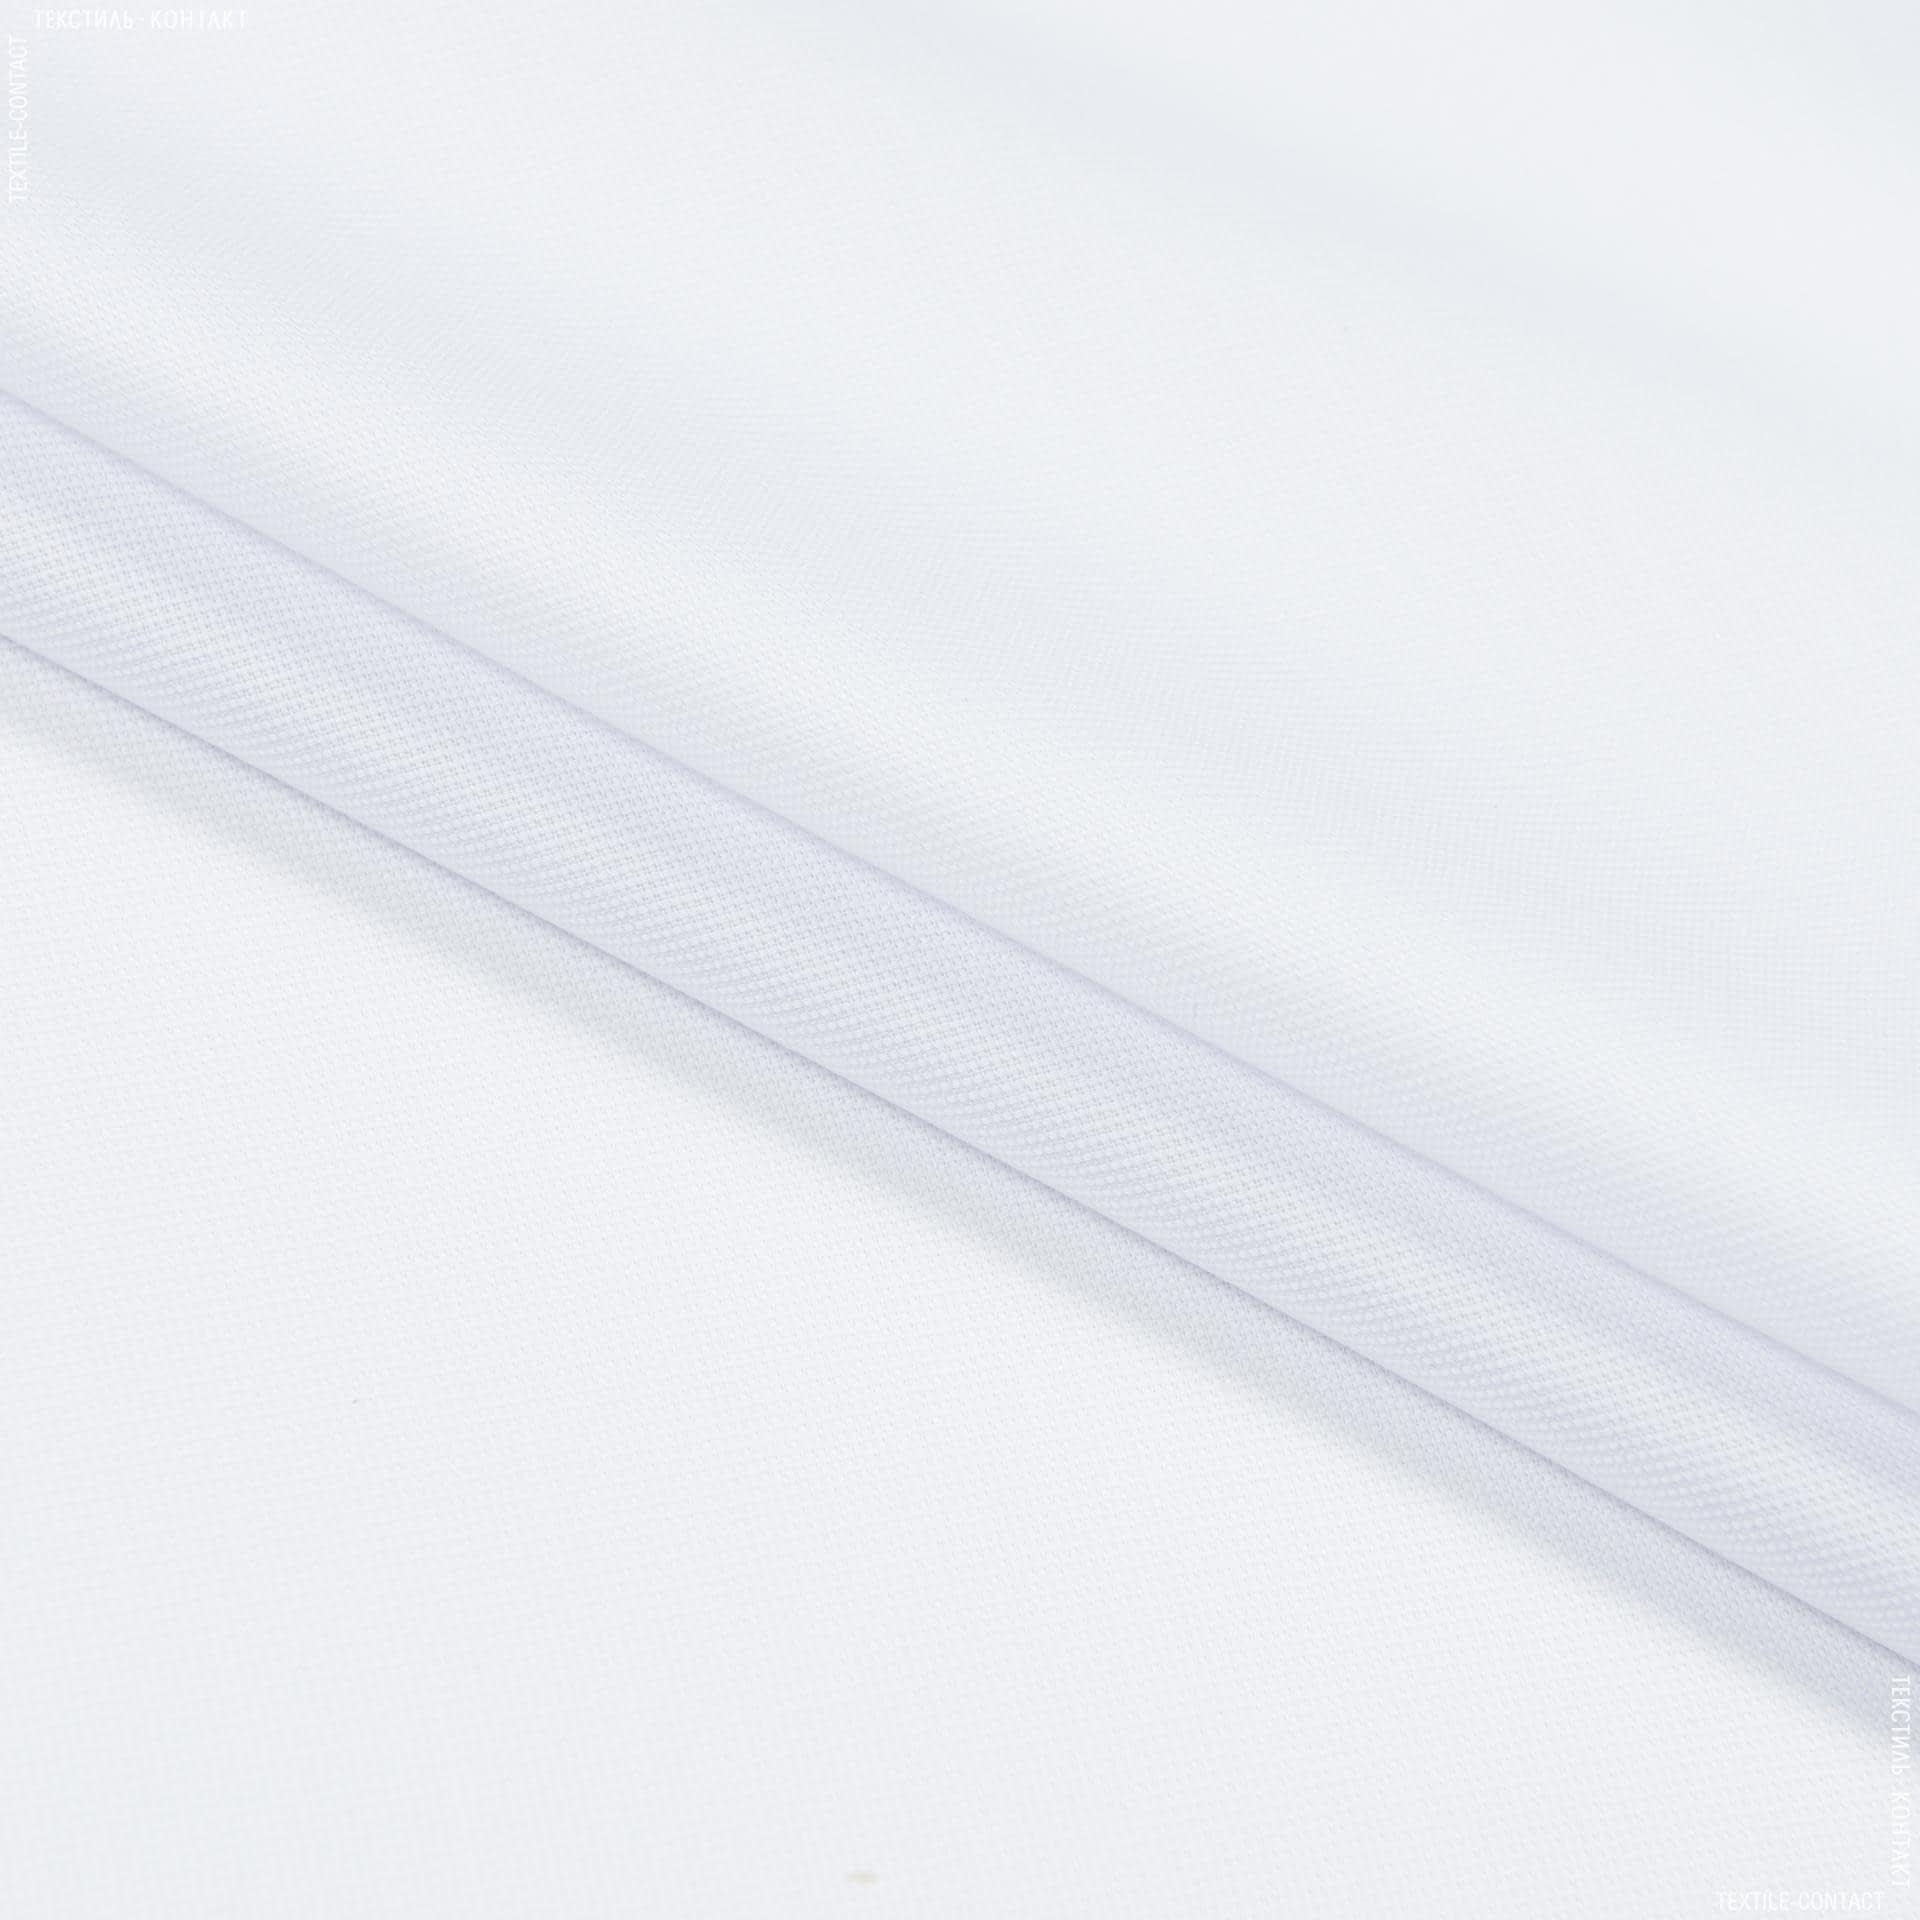 Тканини для дитячого одягу - Сорочкова  lily рогожка білий